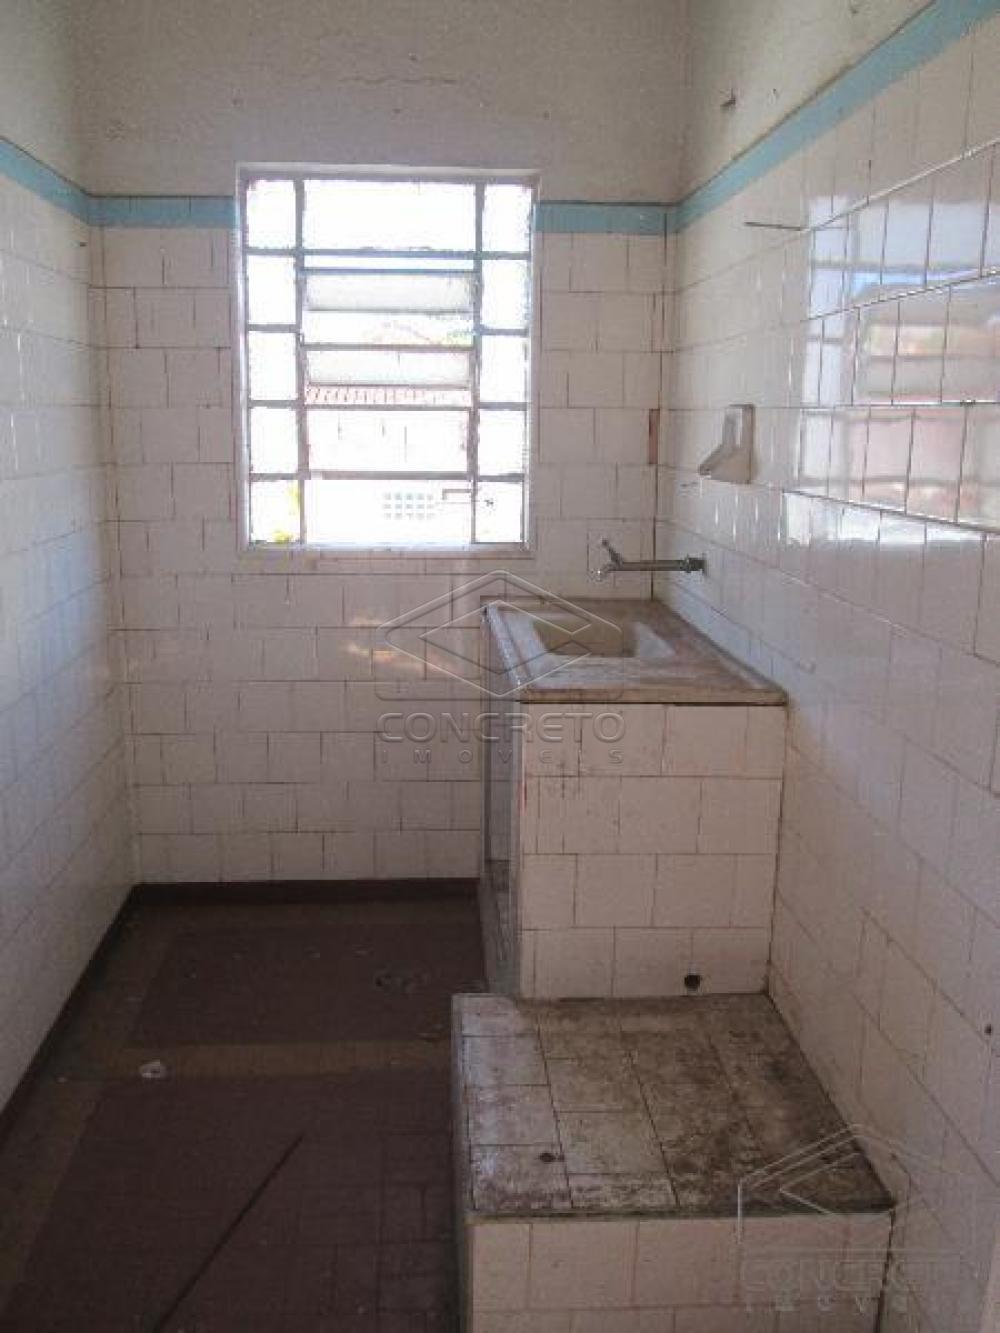 Alugar Comercial / Galpão em Bauru apenas R$ 5.000,00 - Foto 4